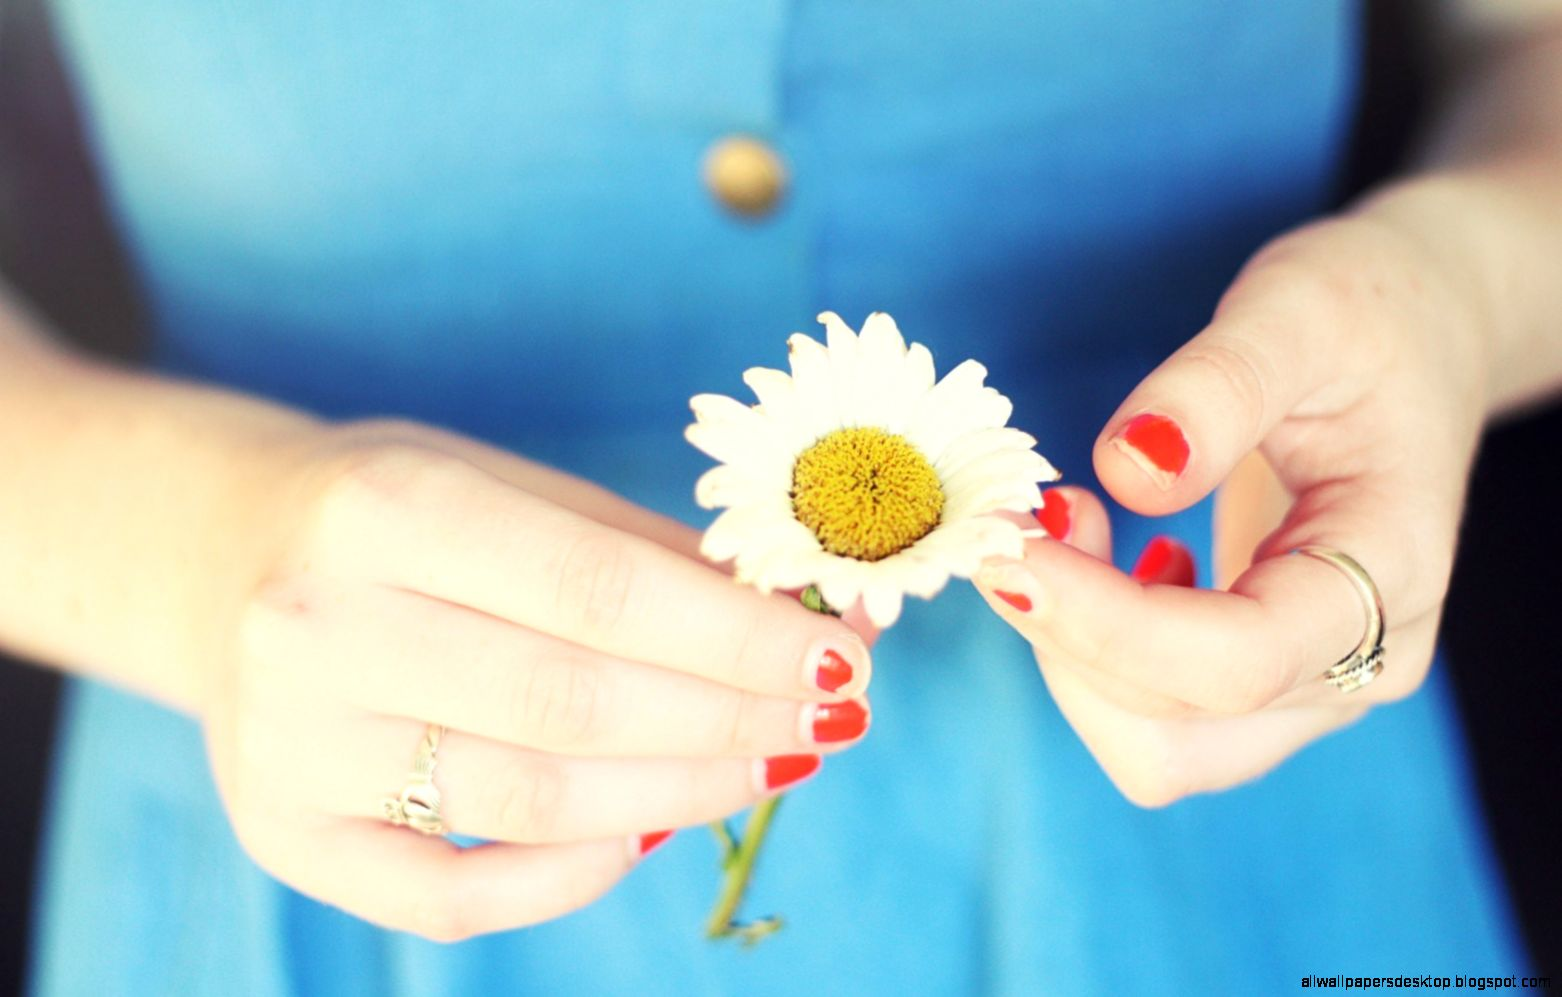 Flower Daisy Girl Mood Photo 7005630